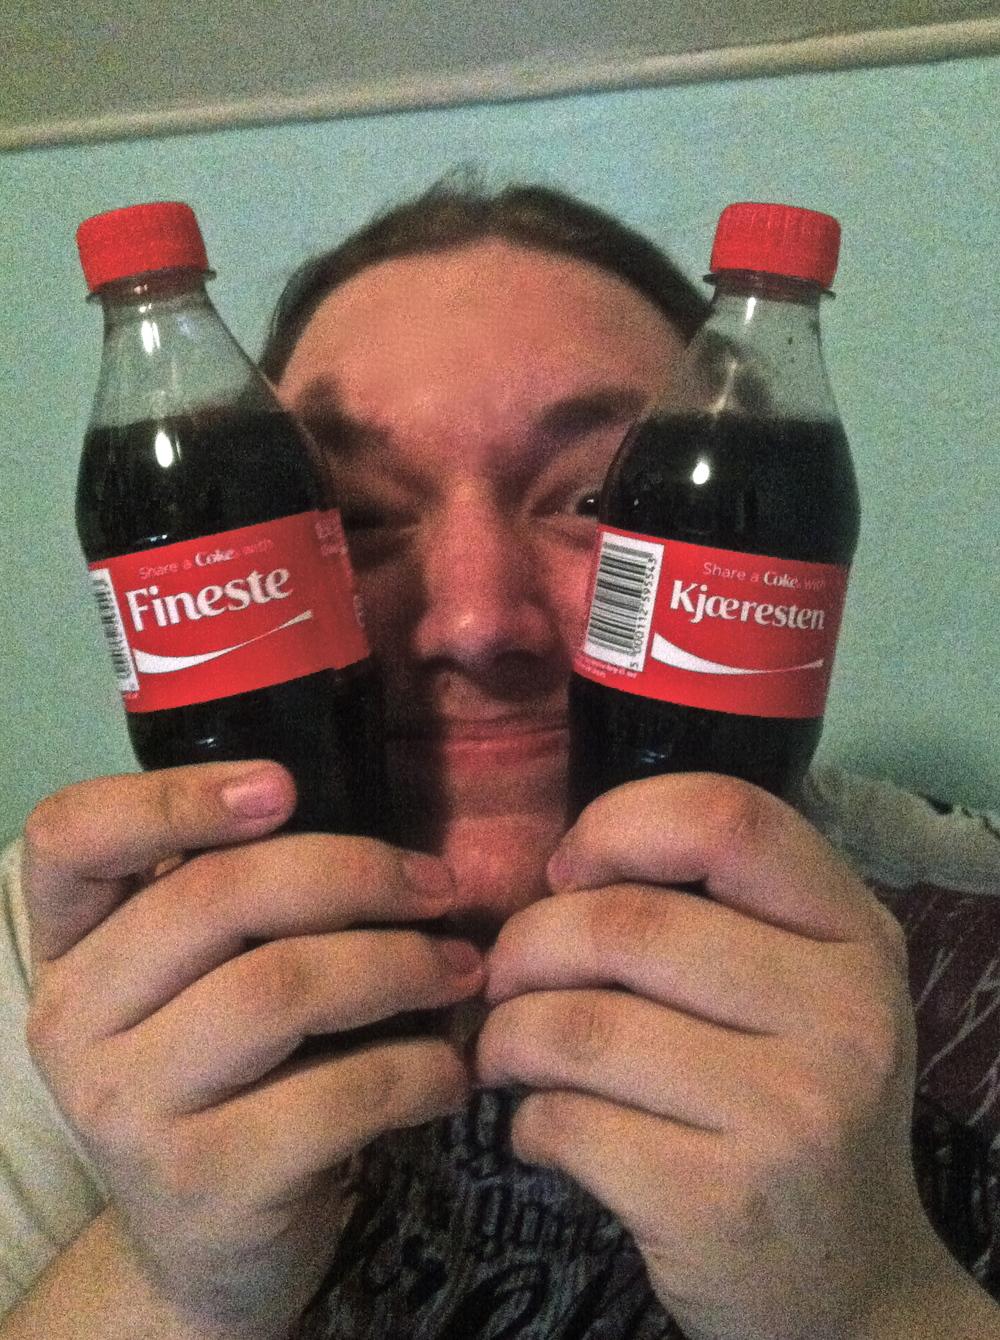 Coke bottles saying Finest Boyfriend